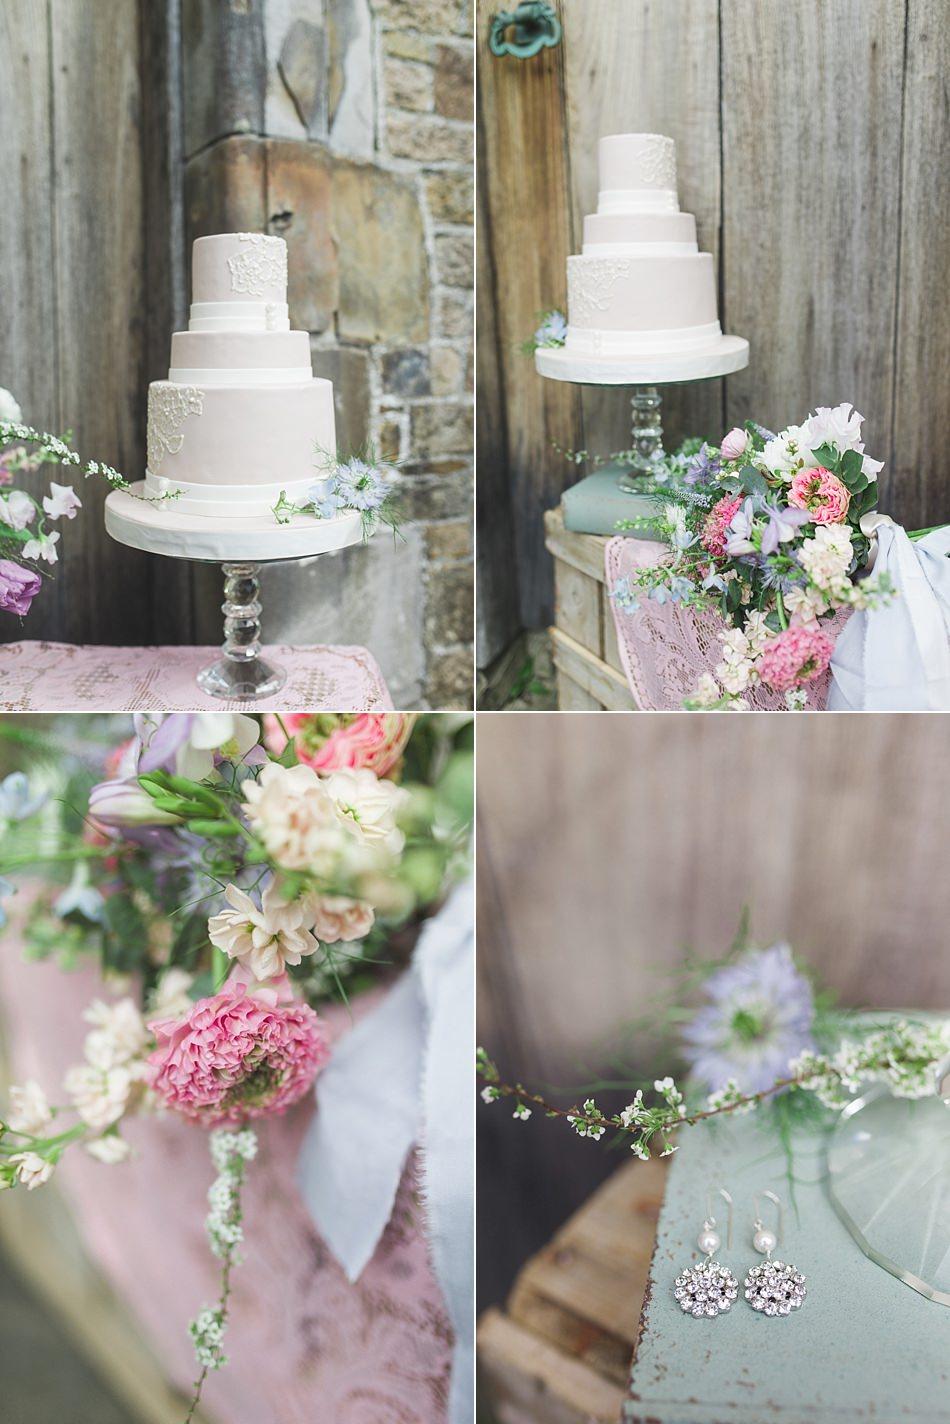 wedding ardkinglas Loch fyne 1-8.jpg